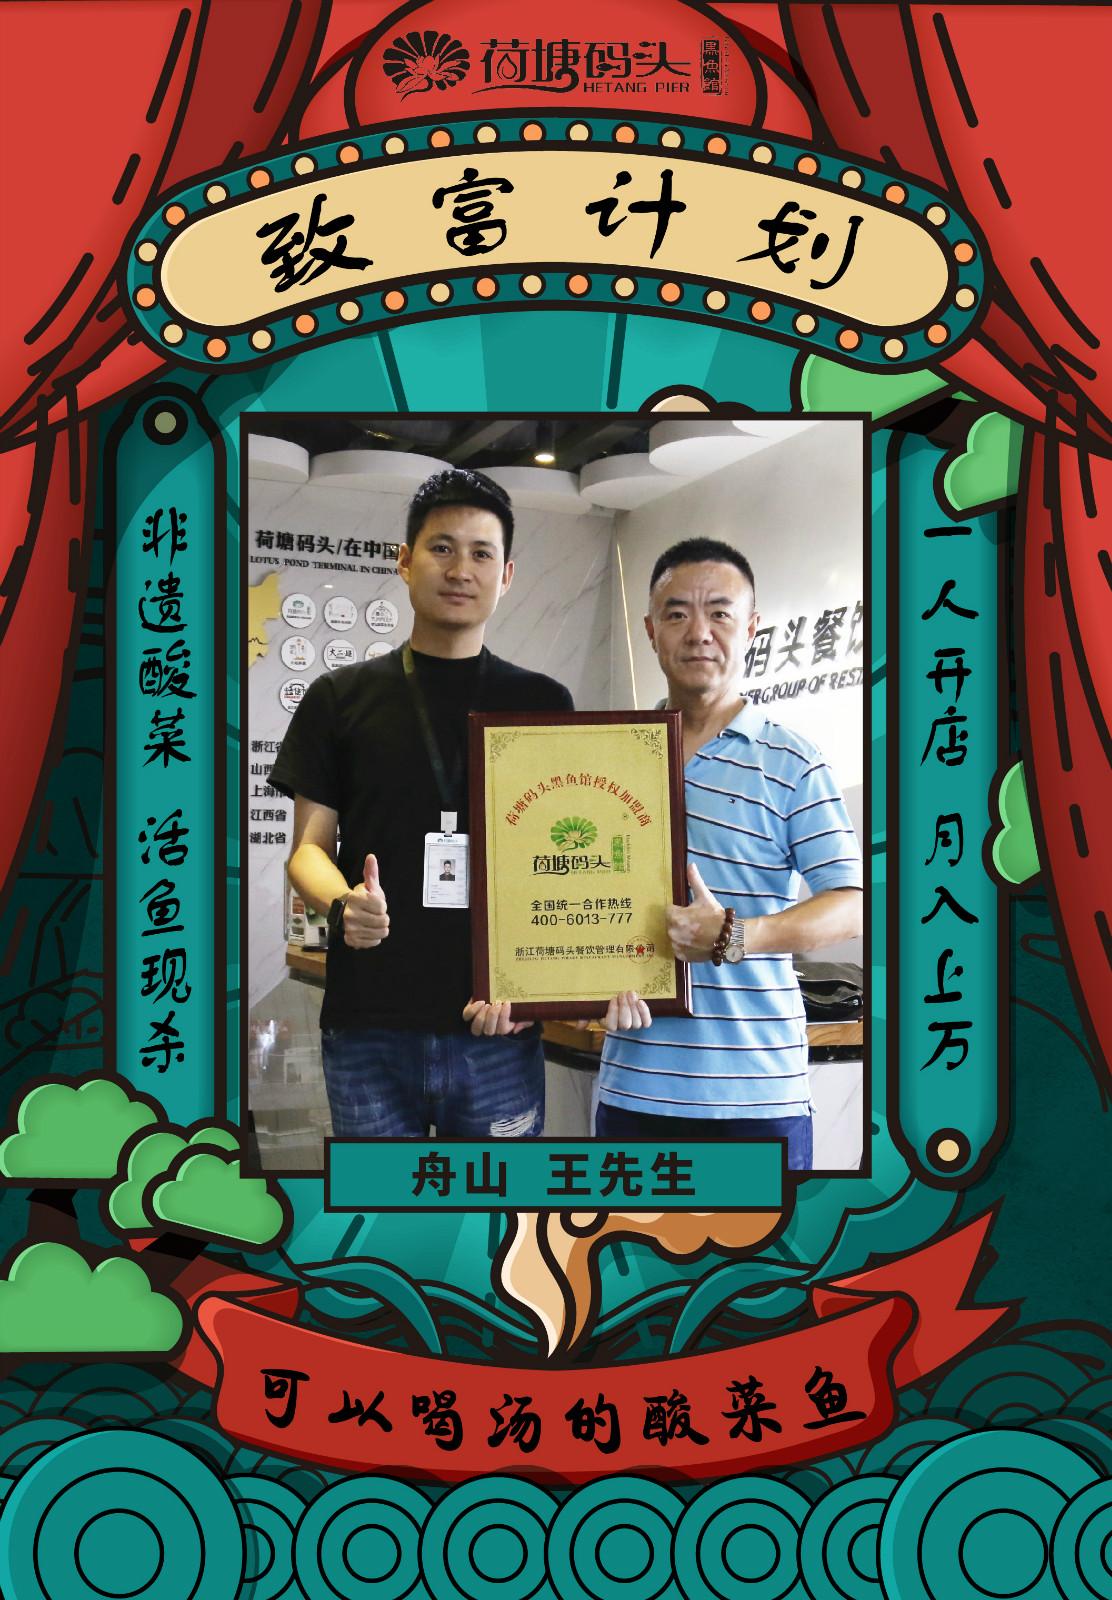 感谢浙江舟山客户成功签约黑鱼馆,感谢王先生的信任